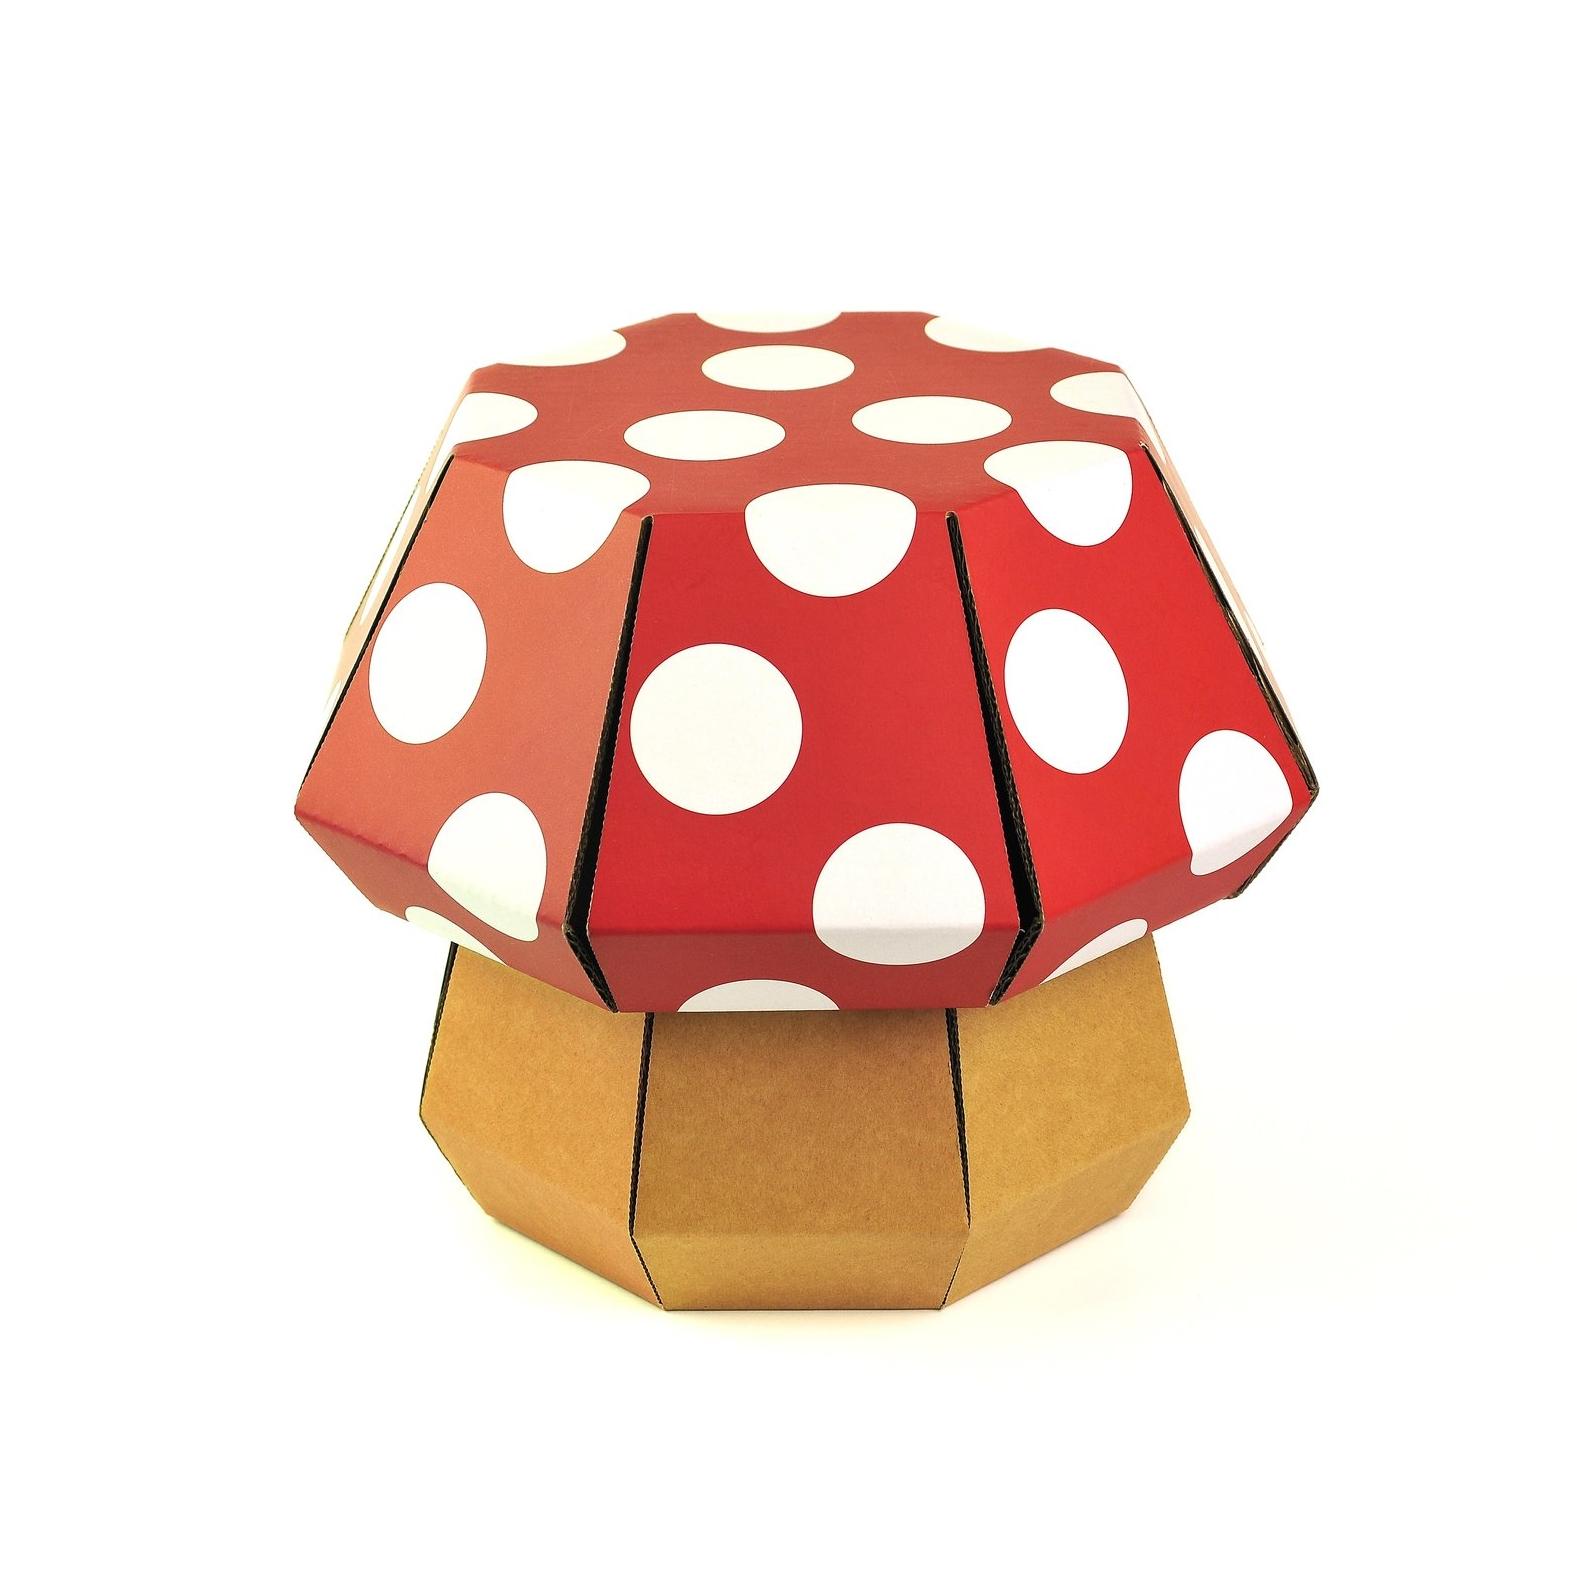 Mushroom Red White.jpg